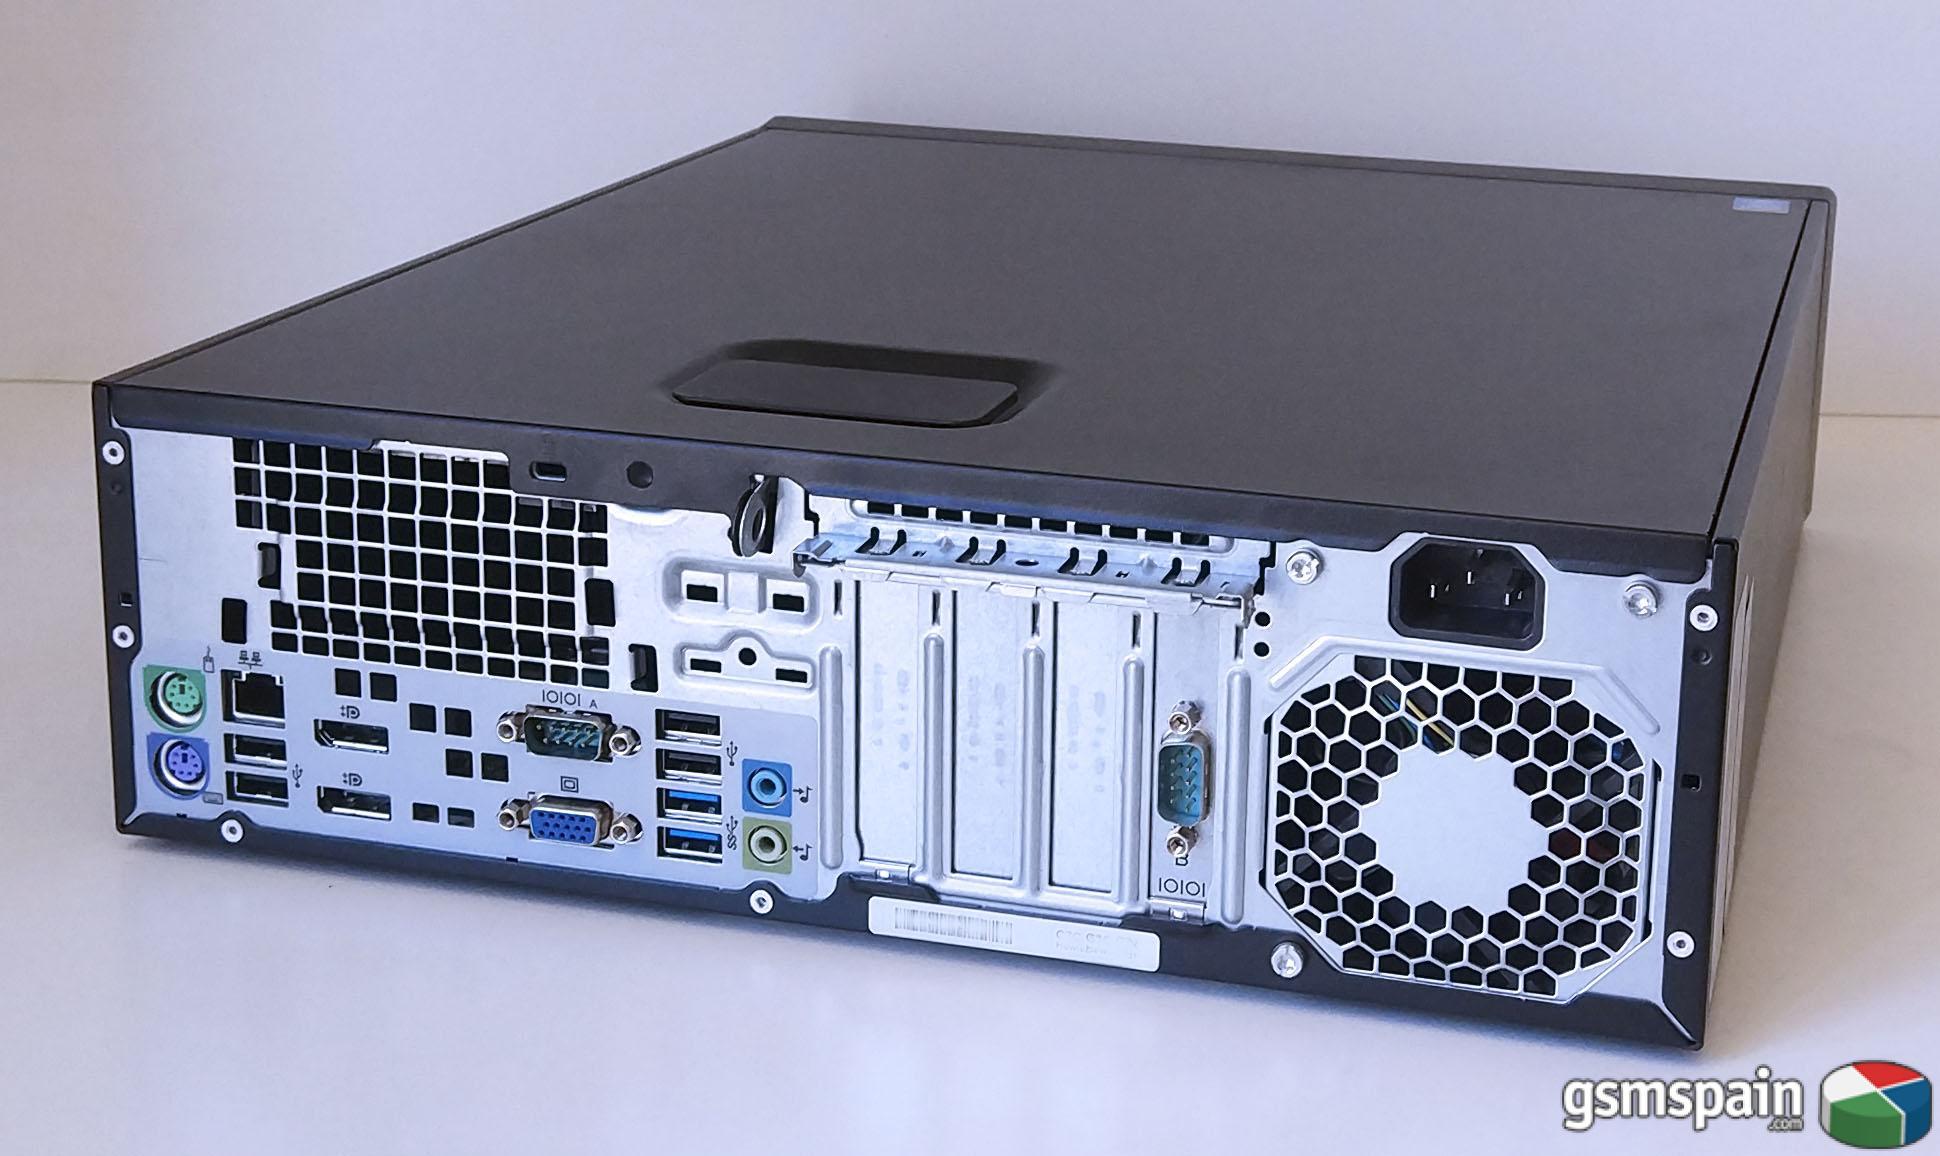 [VENDO] Ordenador HP Elitedesk 800 G1 Sff - i5